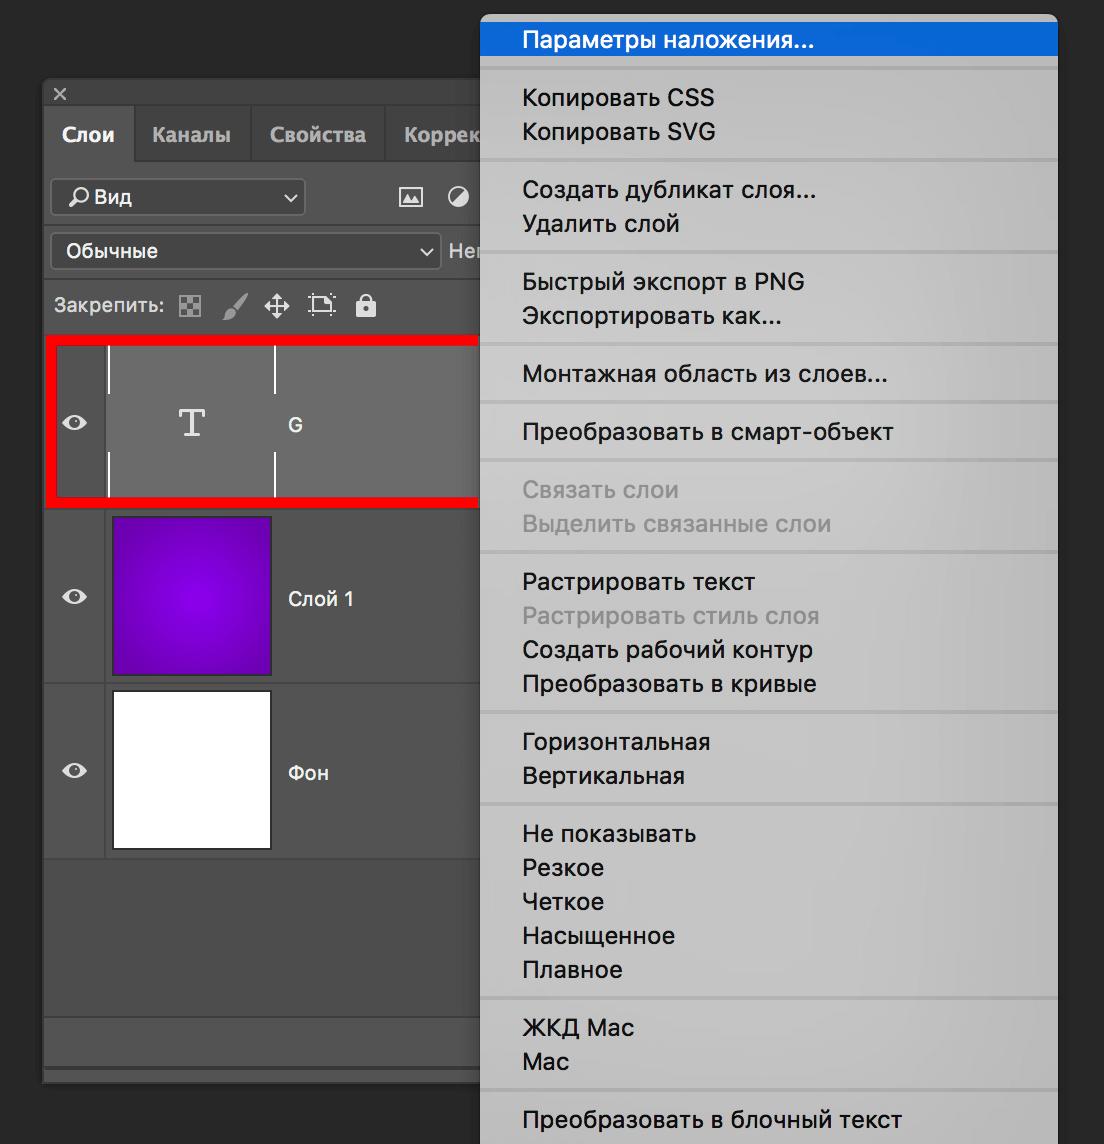 Добавляем стили (параметры наложения) на слой с текстом